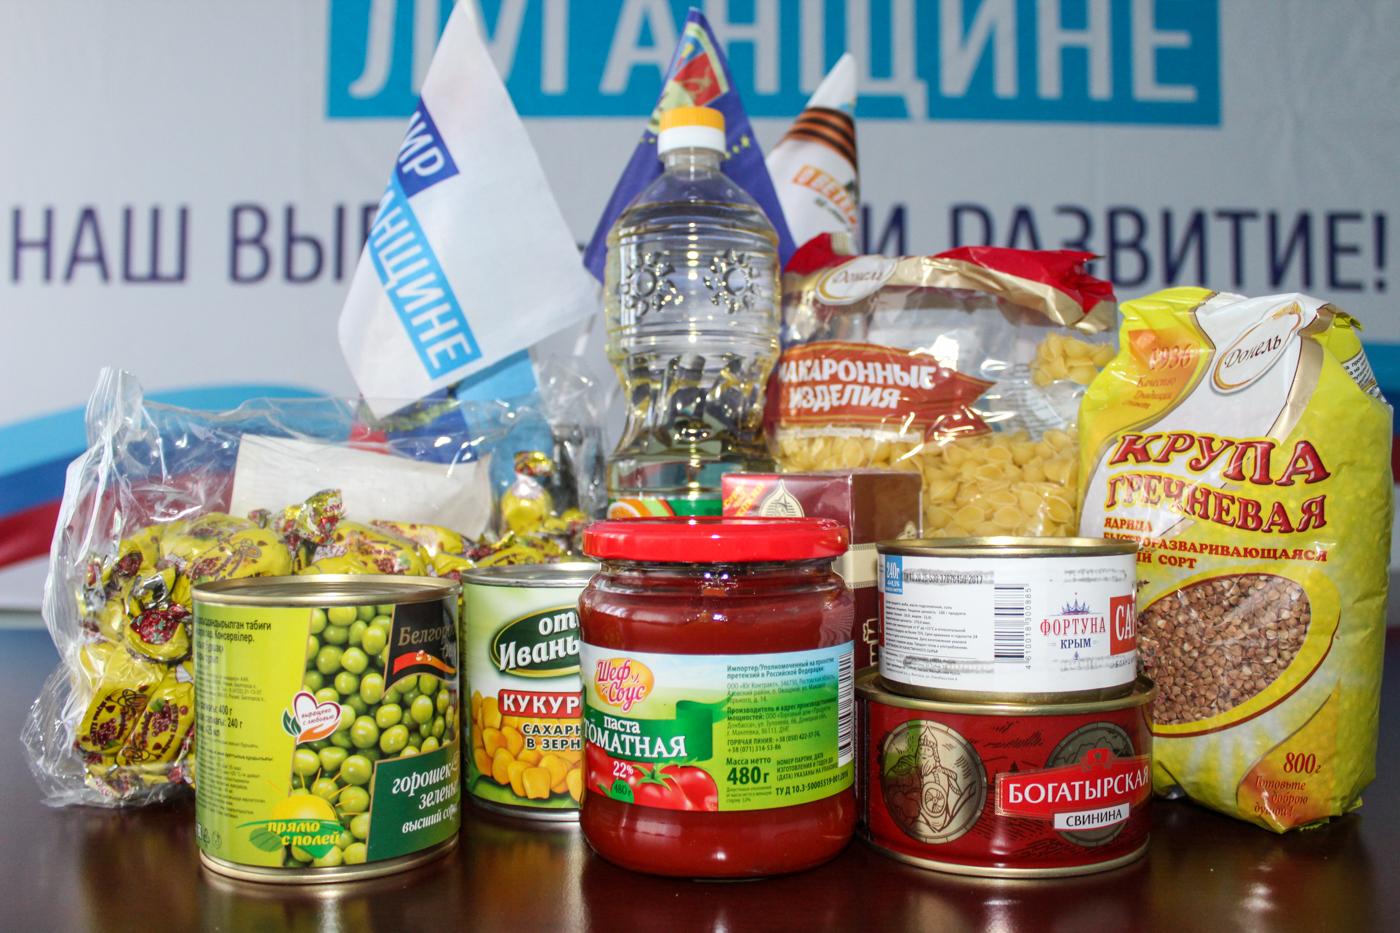 Жители Славяносербска, попавшие в трудную жизненную ситуацию, получили помощь от проекта «Волонтёр» 1